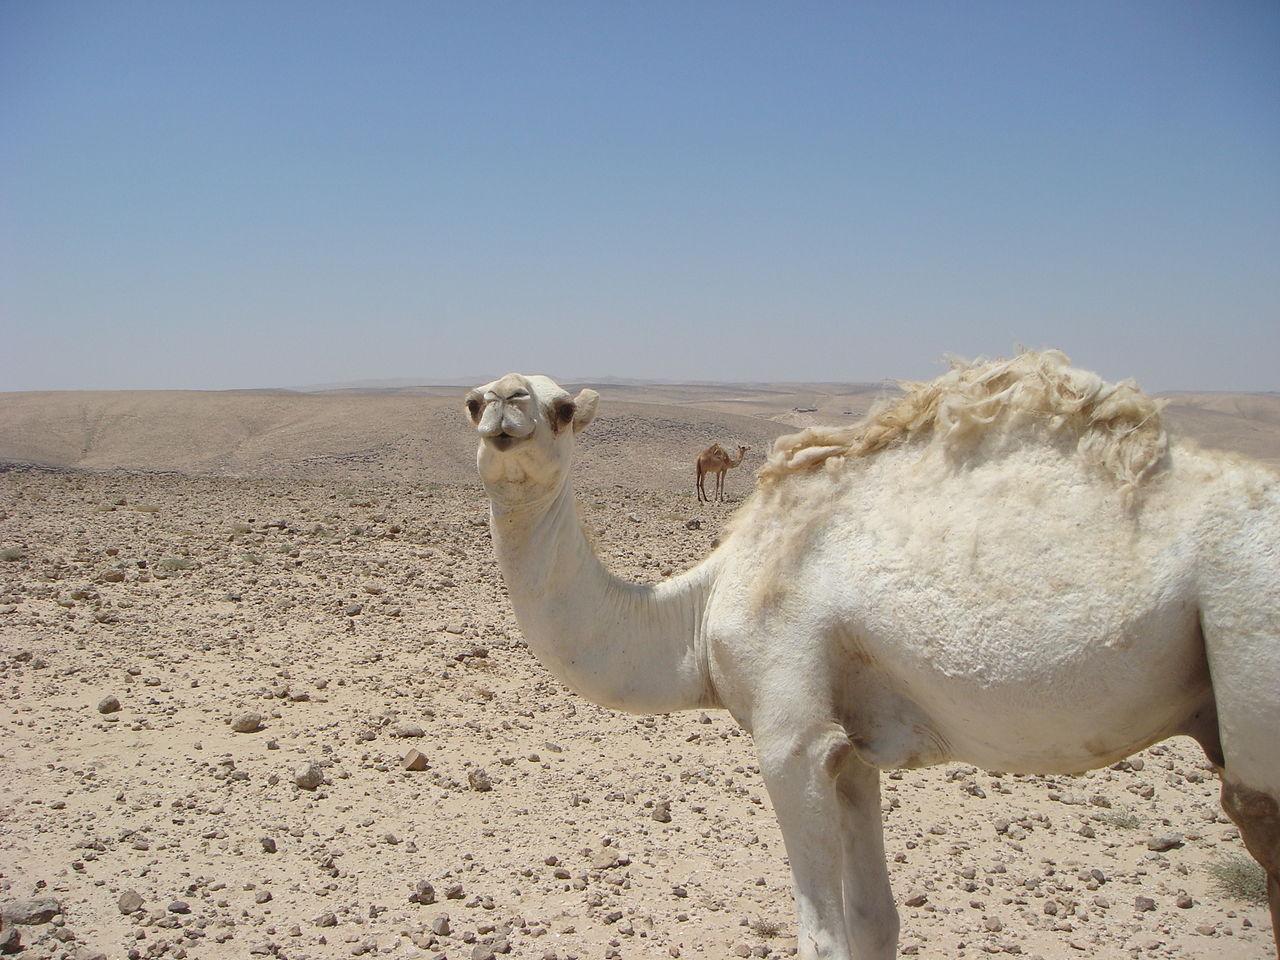 גמלים בנחלן קינה. צילום: ליאור גולגר / CC BY 2.5